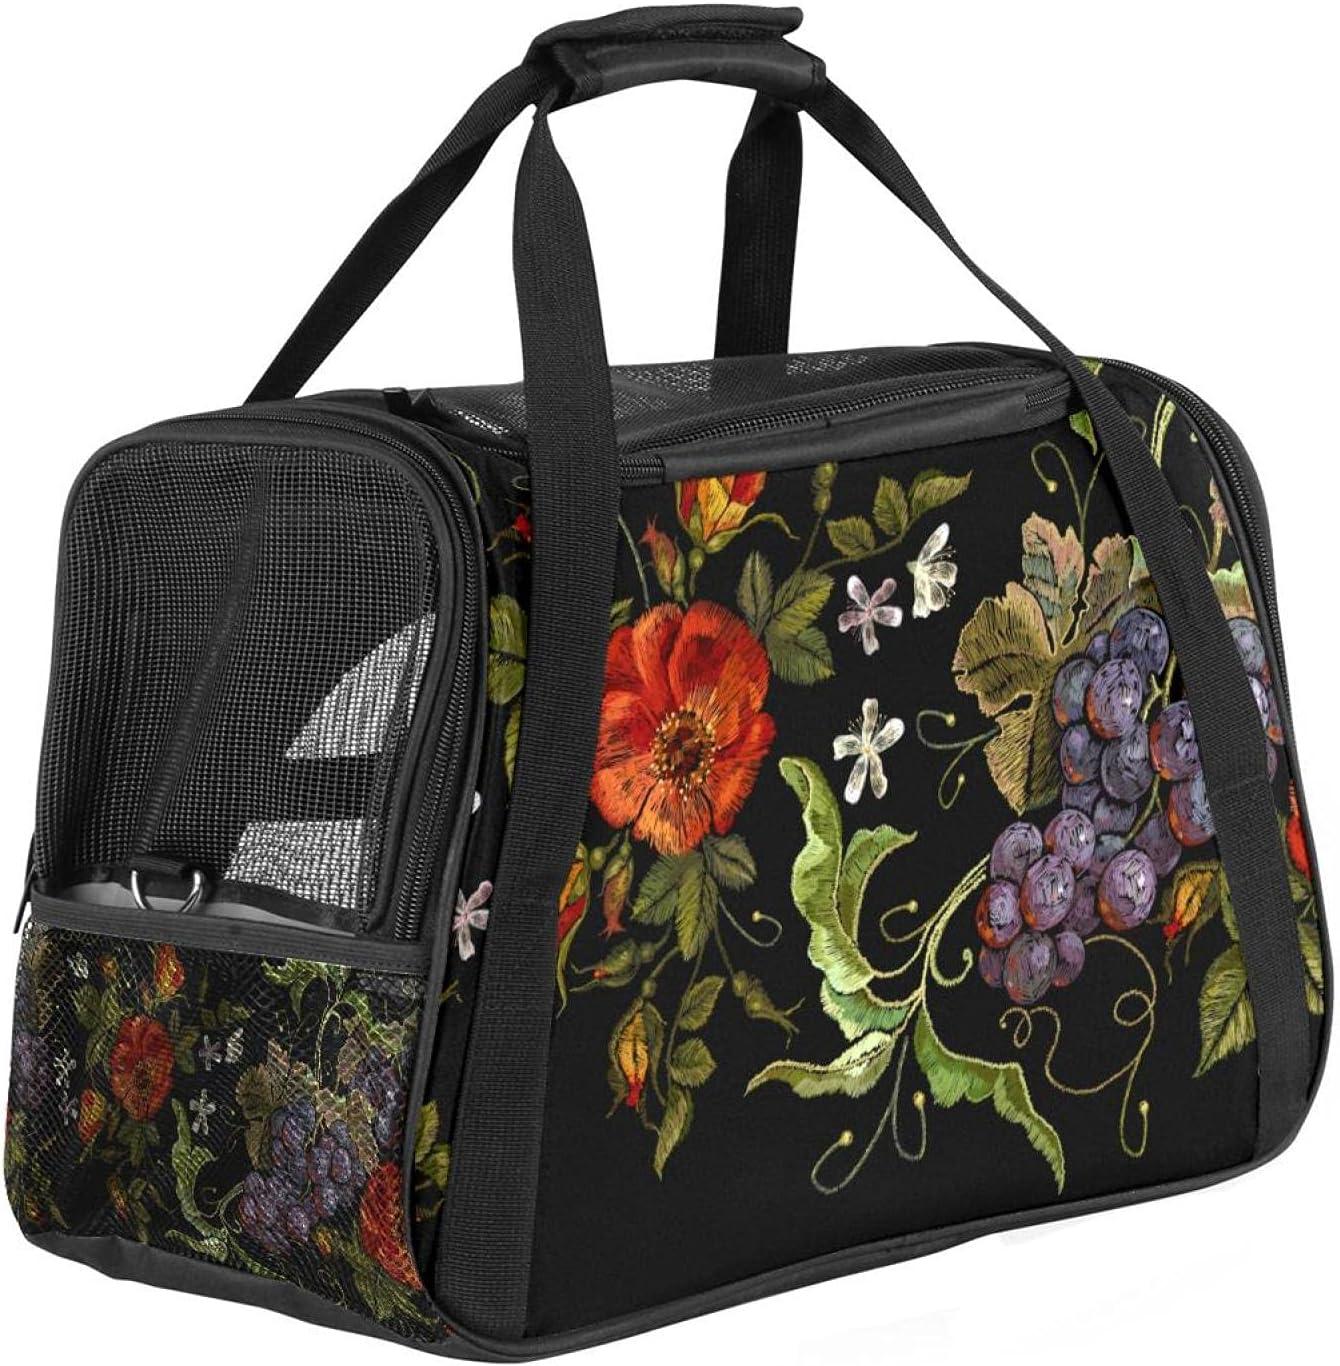 Transportador de perros aprobado por aerolínea, flor de uvas Balck suave para mascotas para perros y gatos pequeños, bolso portátil de viaje para mascotas, parte superior abierta, 47 x 30 x 30 cm